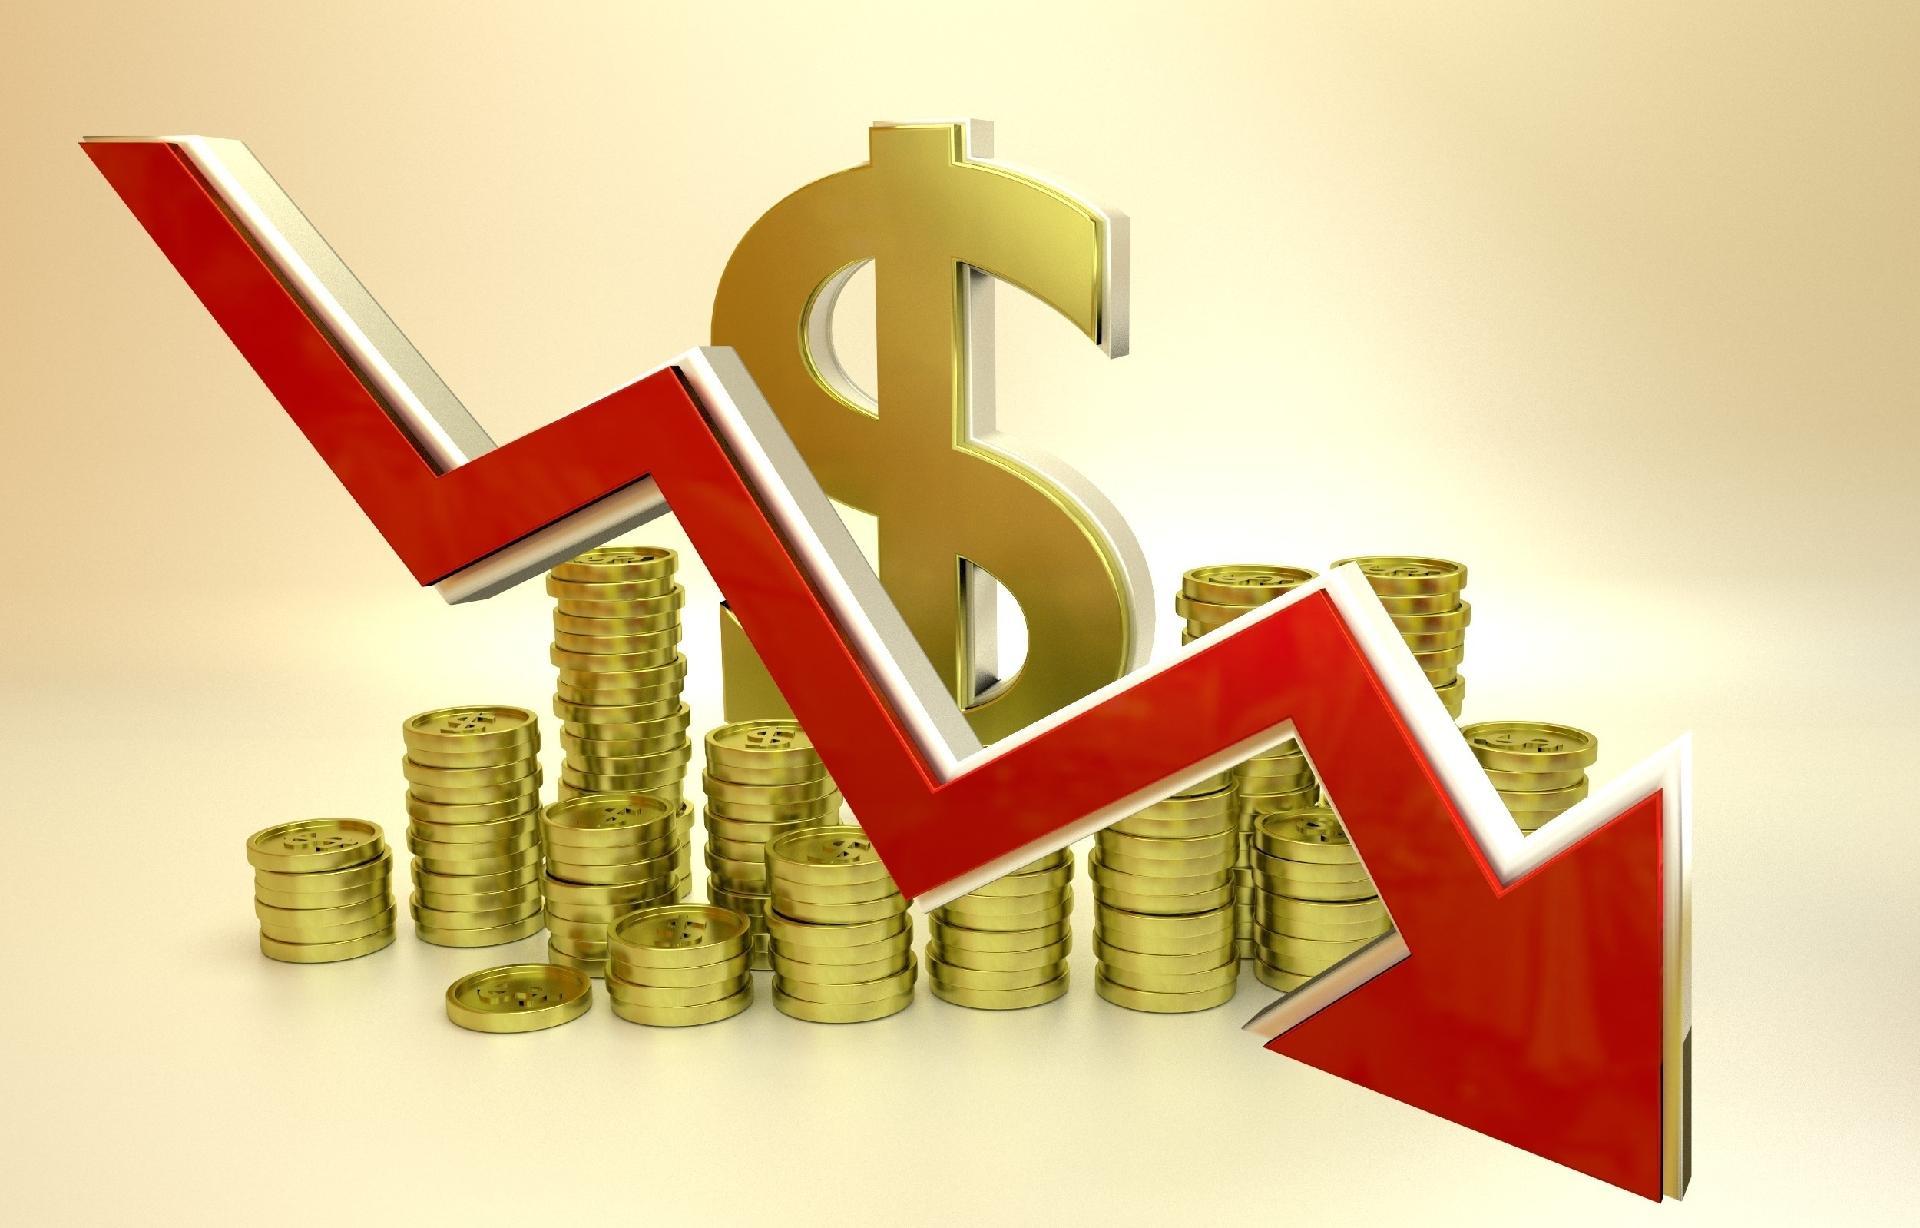 Como a taxa de juros impacta no câmbio?